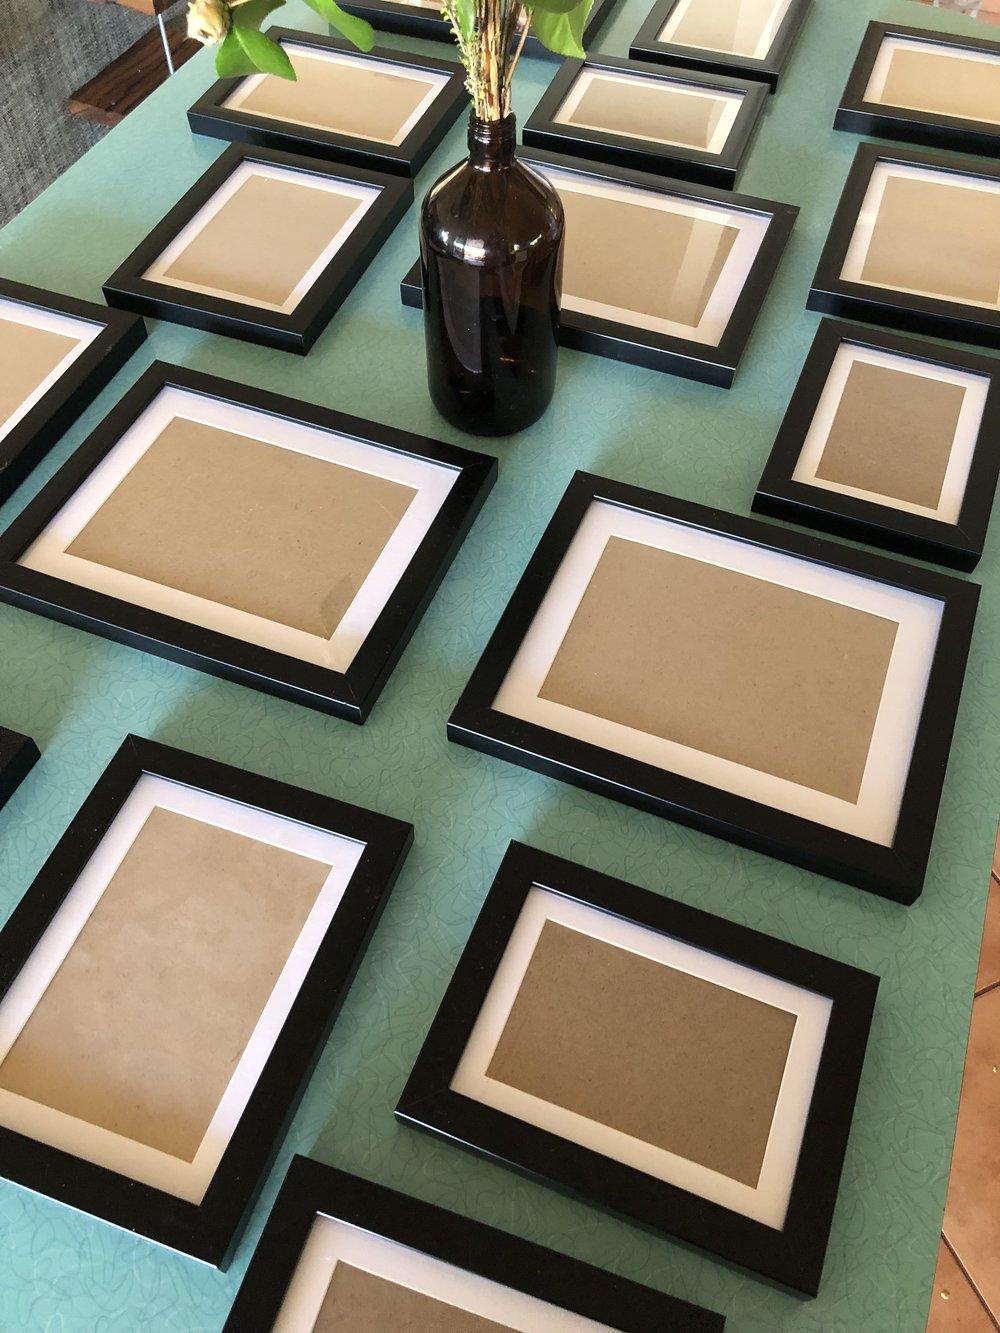 Photo Frames $2 each